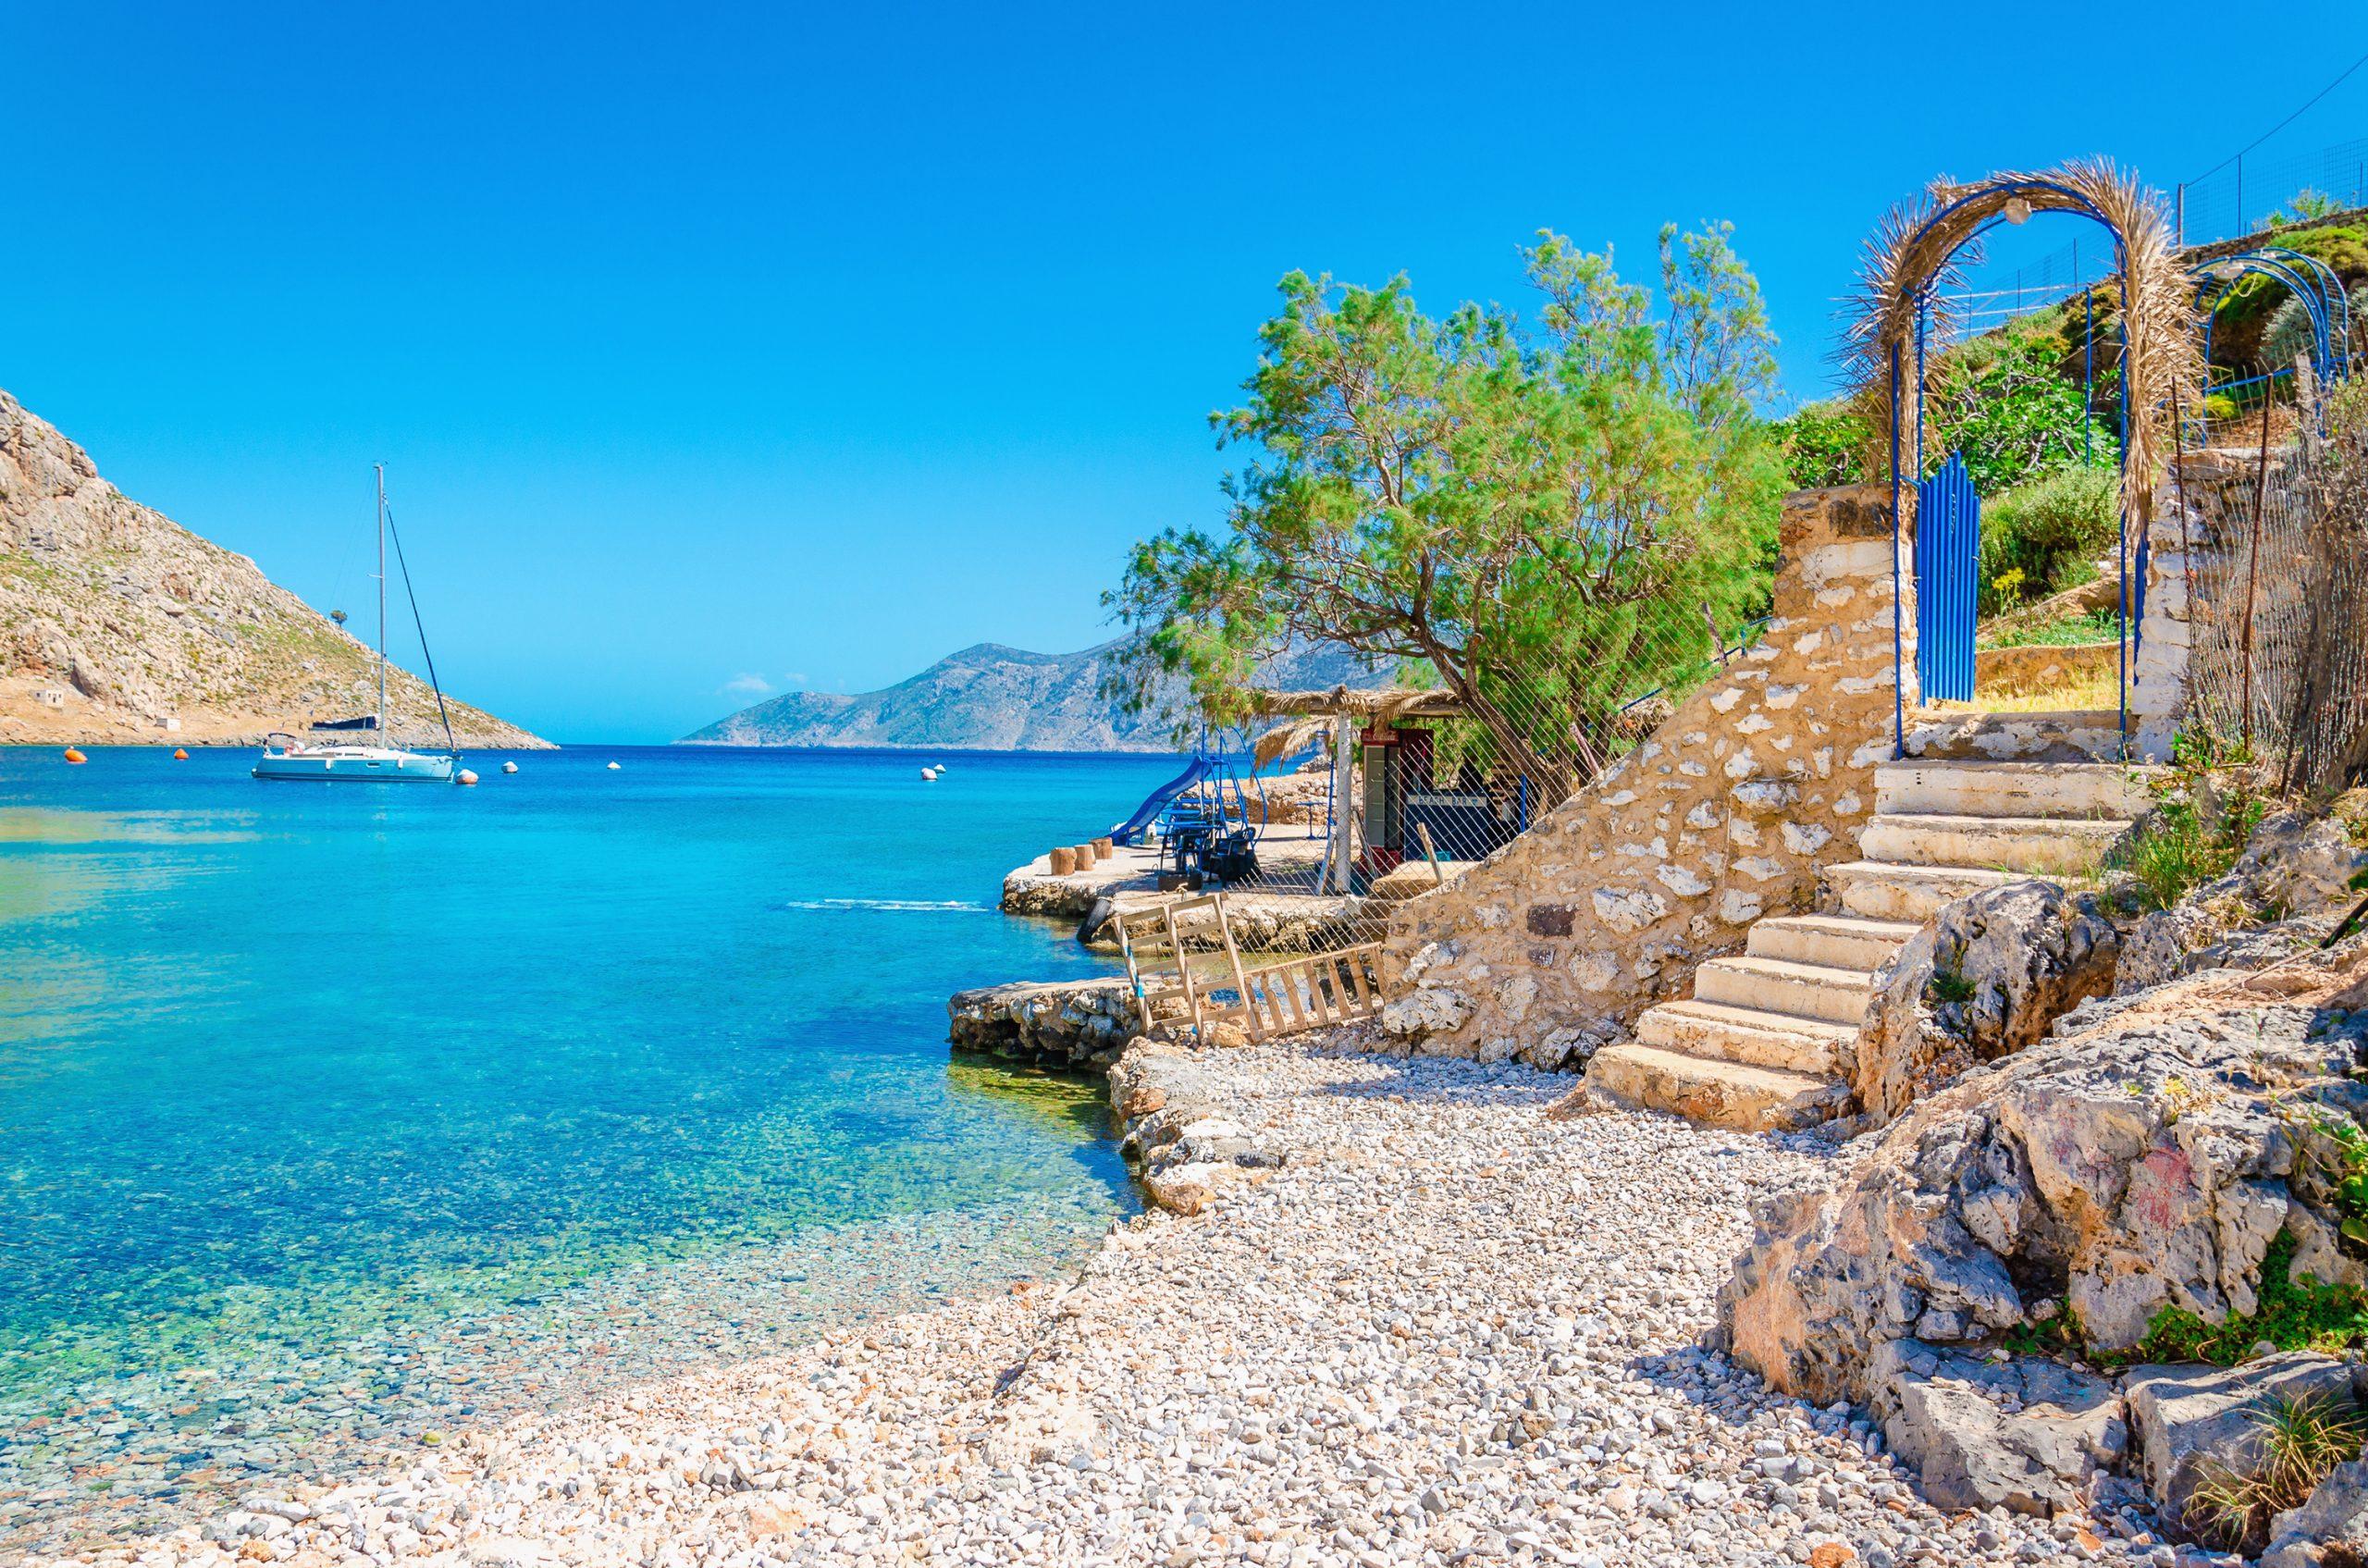 Grcko ostrvo Kalimnos Grcka